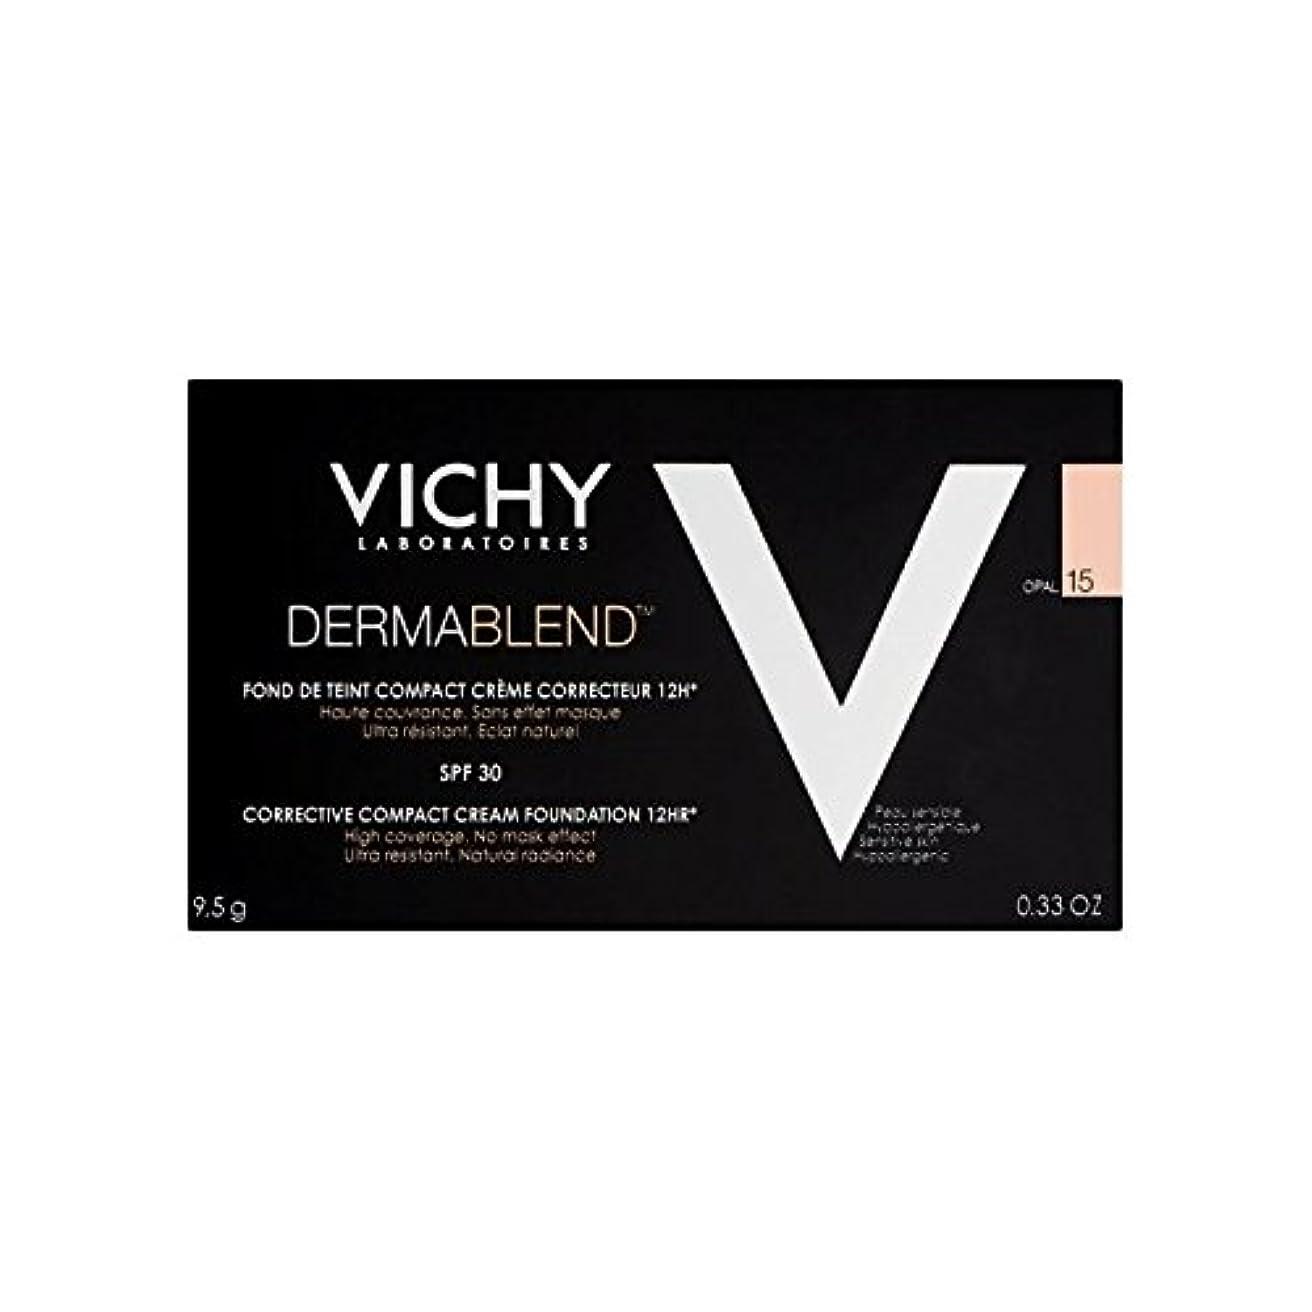 離すワードローブガムヴィシー是正コンパクトクリームファンデーションオパール15 x2 - Vichy Dermablend Corrective Compact Cream Foundation Opal 15 (Pack of 2) [並行輸入品]